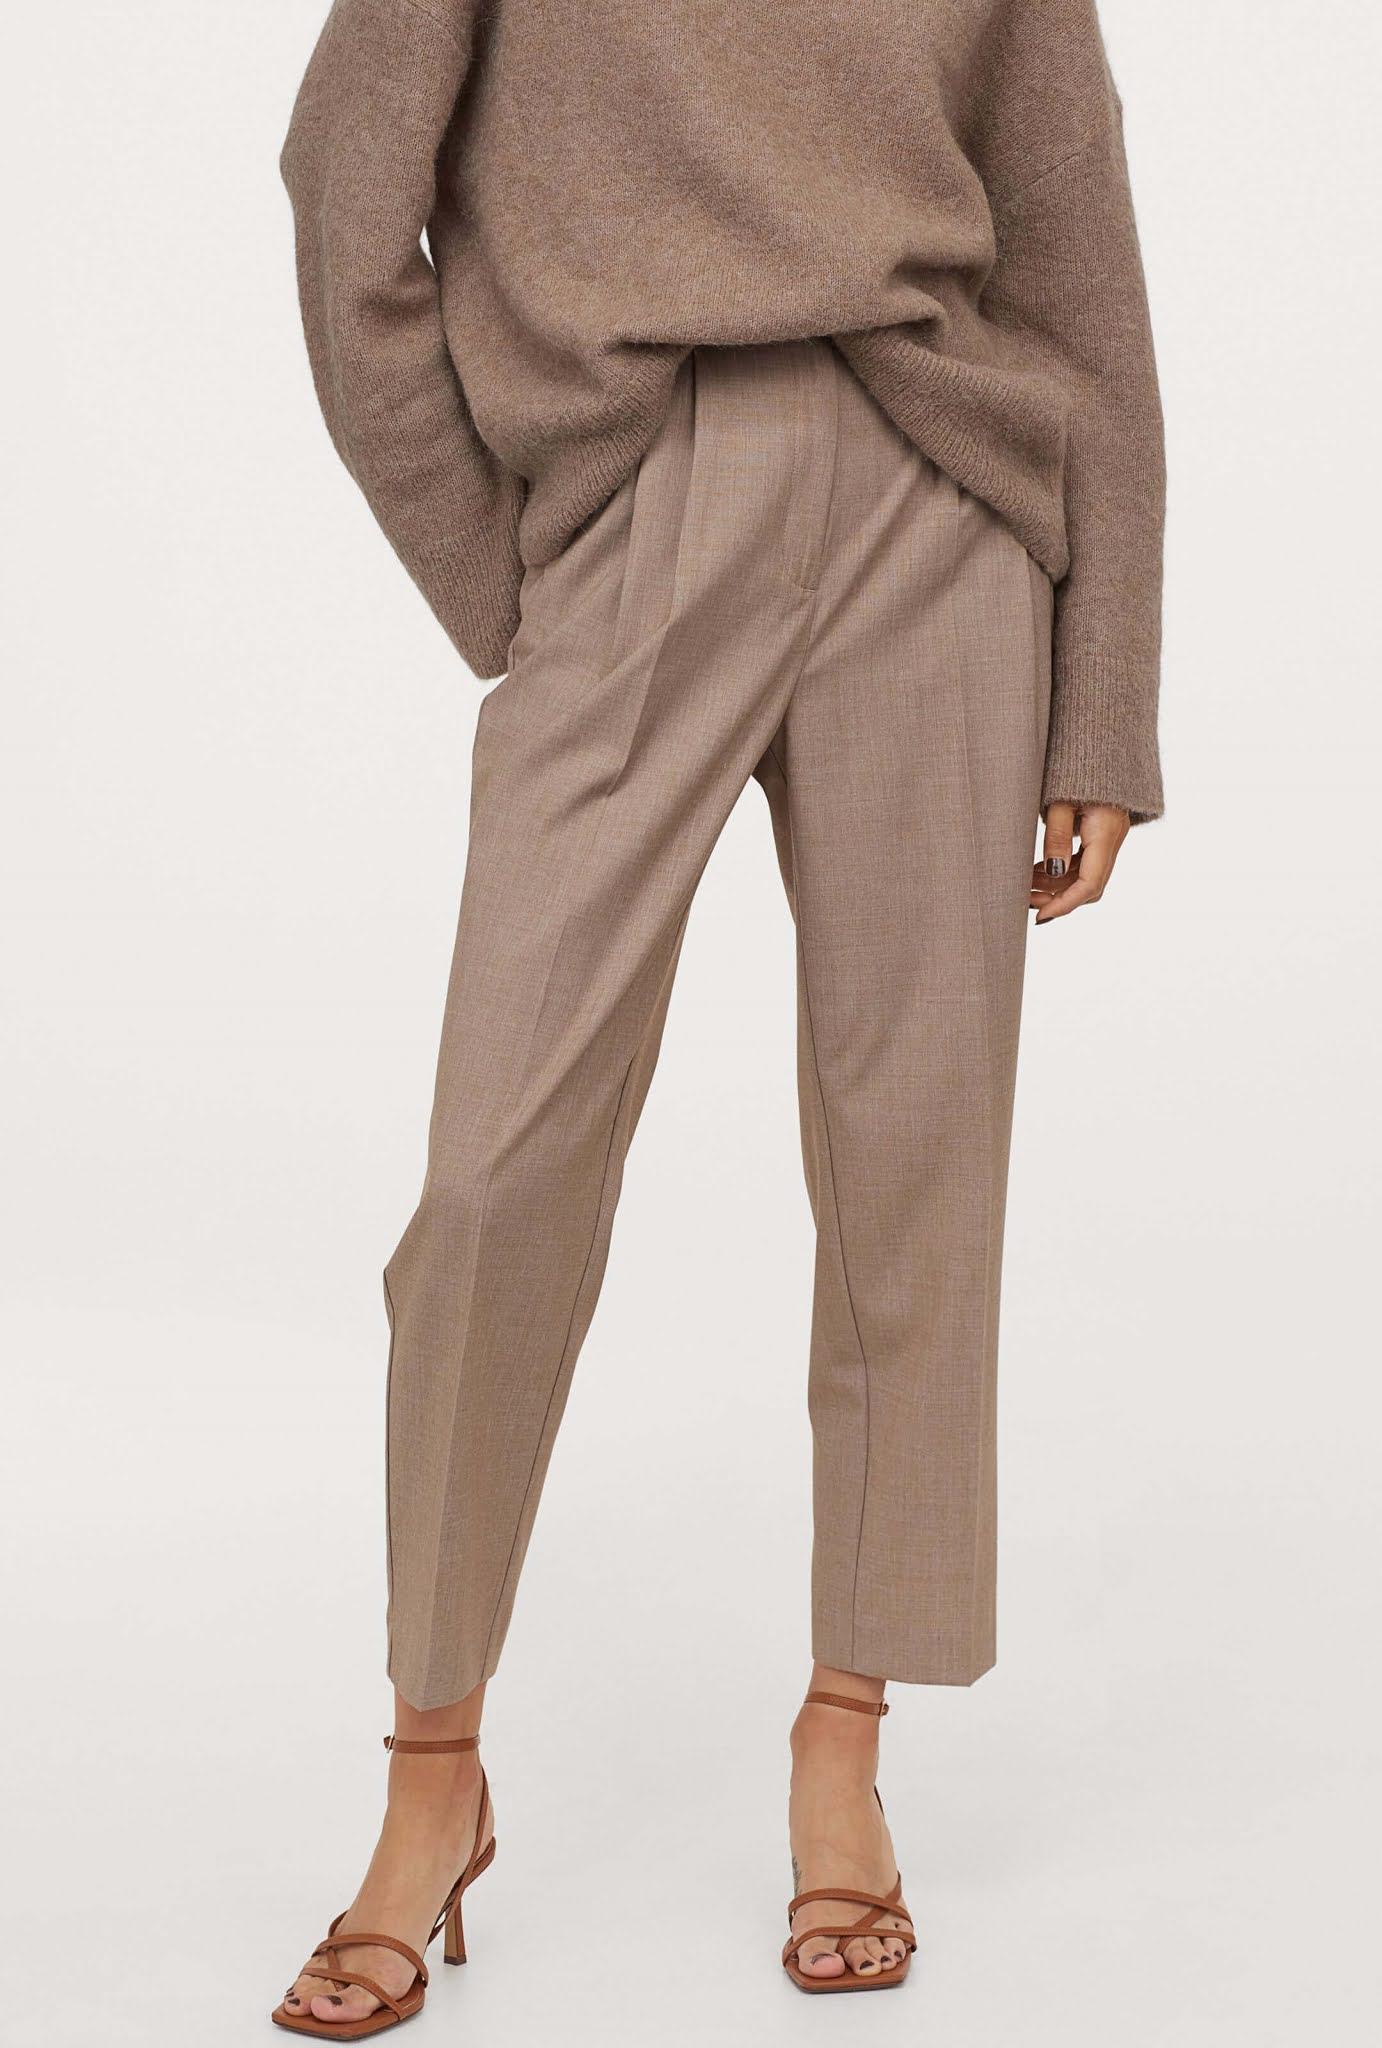 beige creased pants